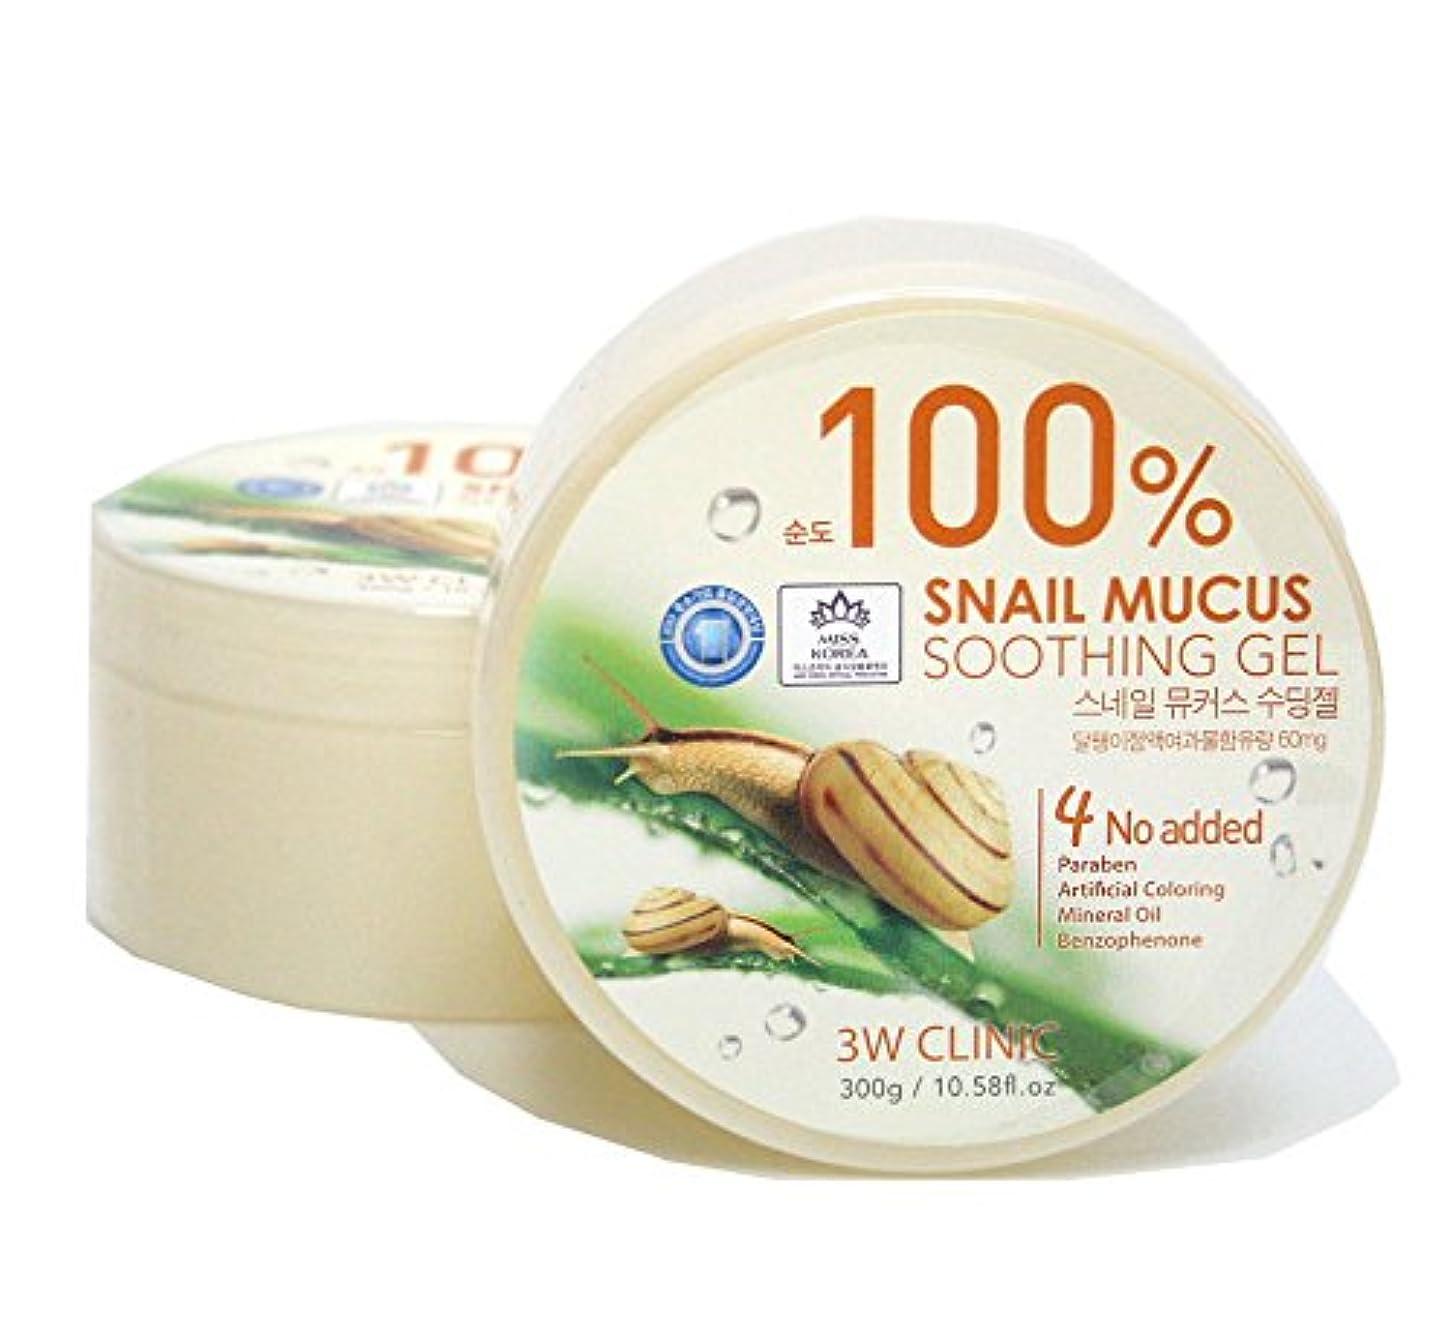 帽子追加するルーム[3W CLINIC] カタツムリ粘液スージングジェル300g / Snail Mucus Soothing Gel 300g / 水分/オールスキンタイプ / Moisture / fresh and smooth /...